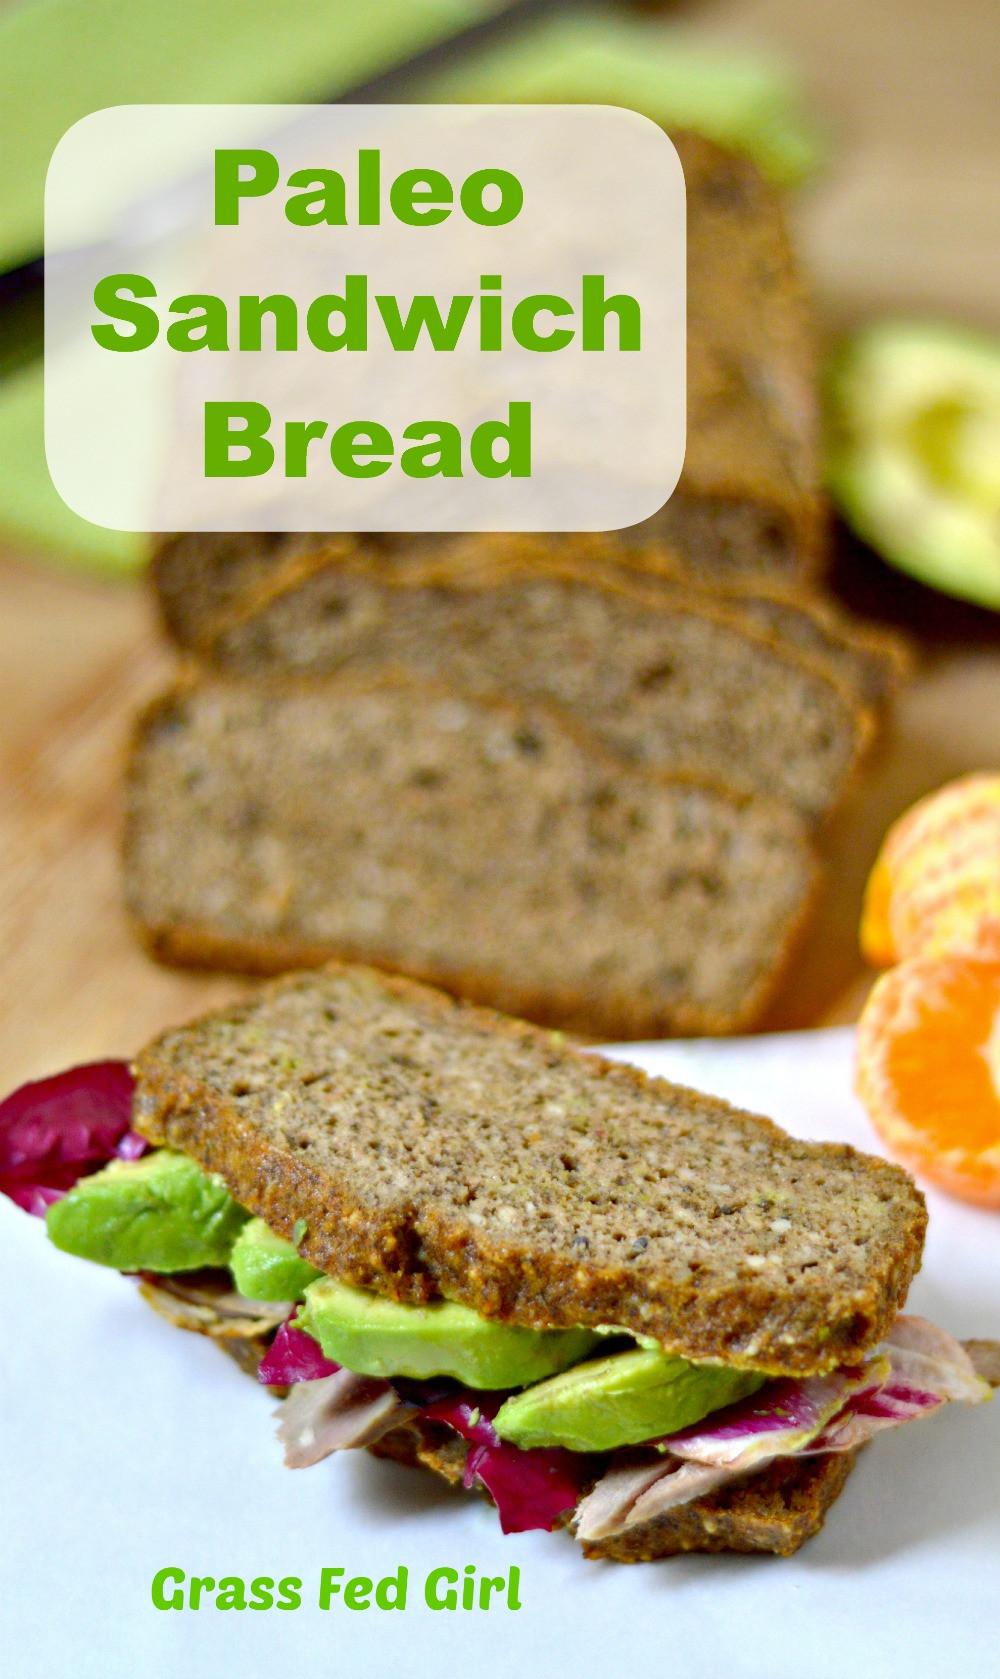 Keto Sandwich Bread Store  Keto Sandwich Bread Paleo Low Carb Grain Free & Gluten